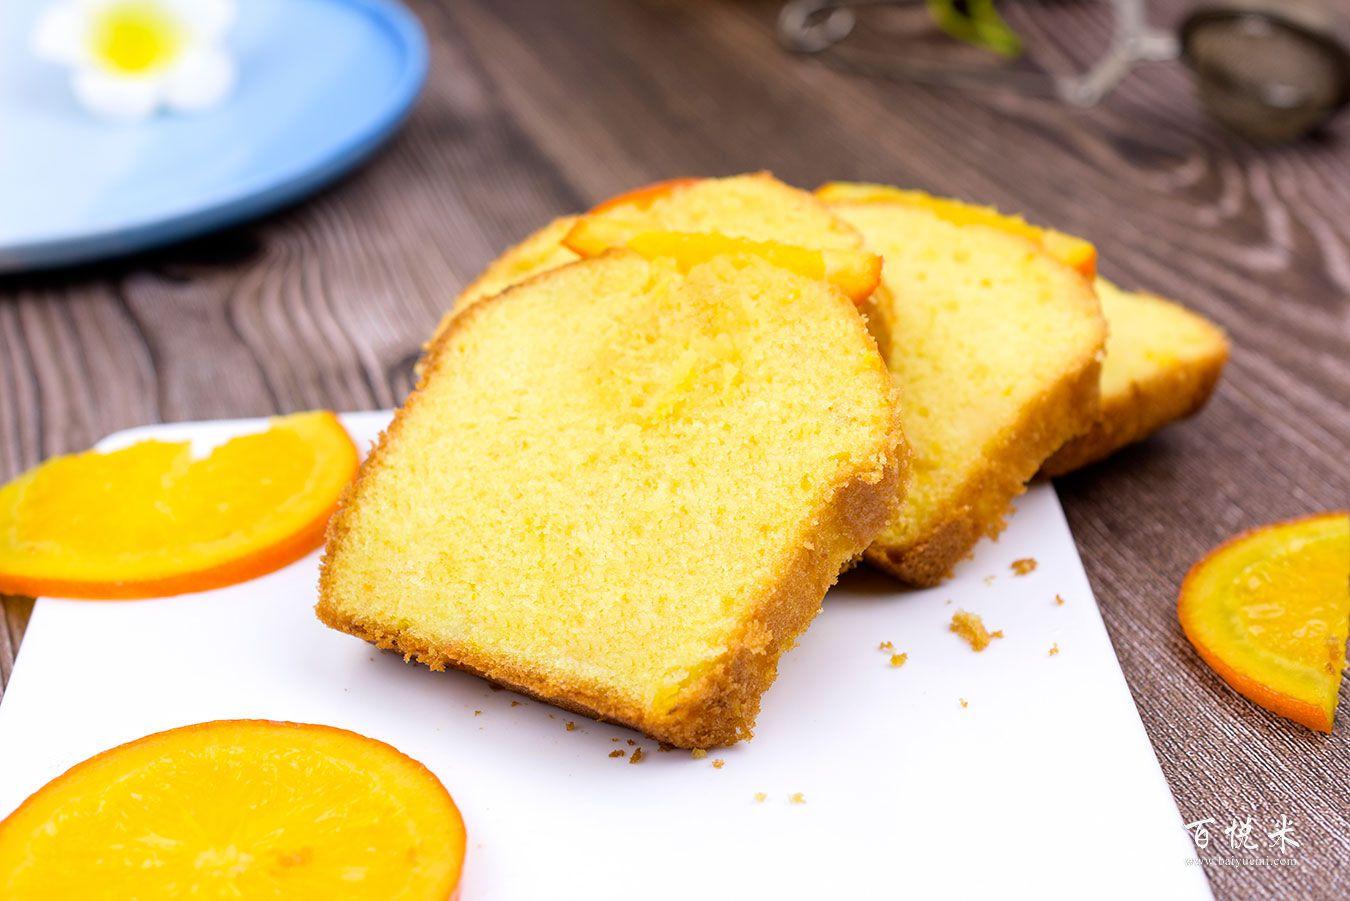 香橙磅蛋糕高清图片大全【蛋糕图片】_317